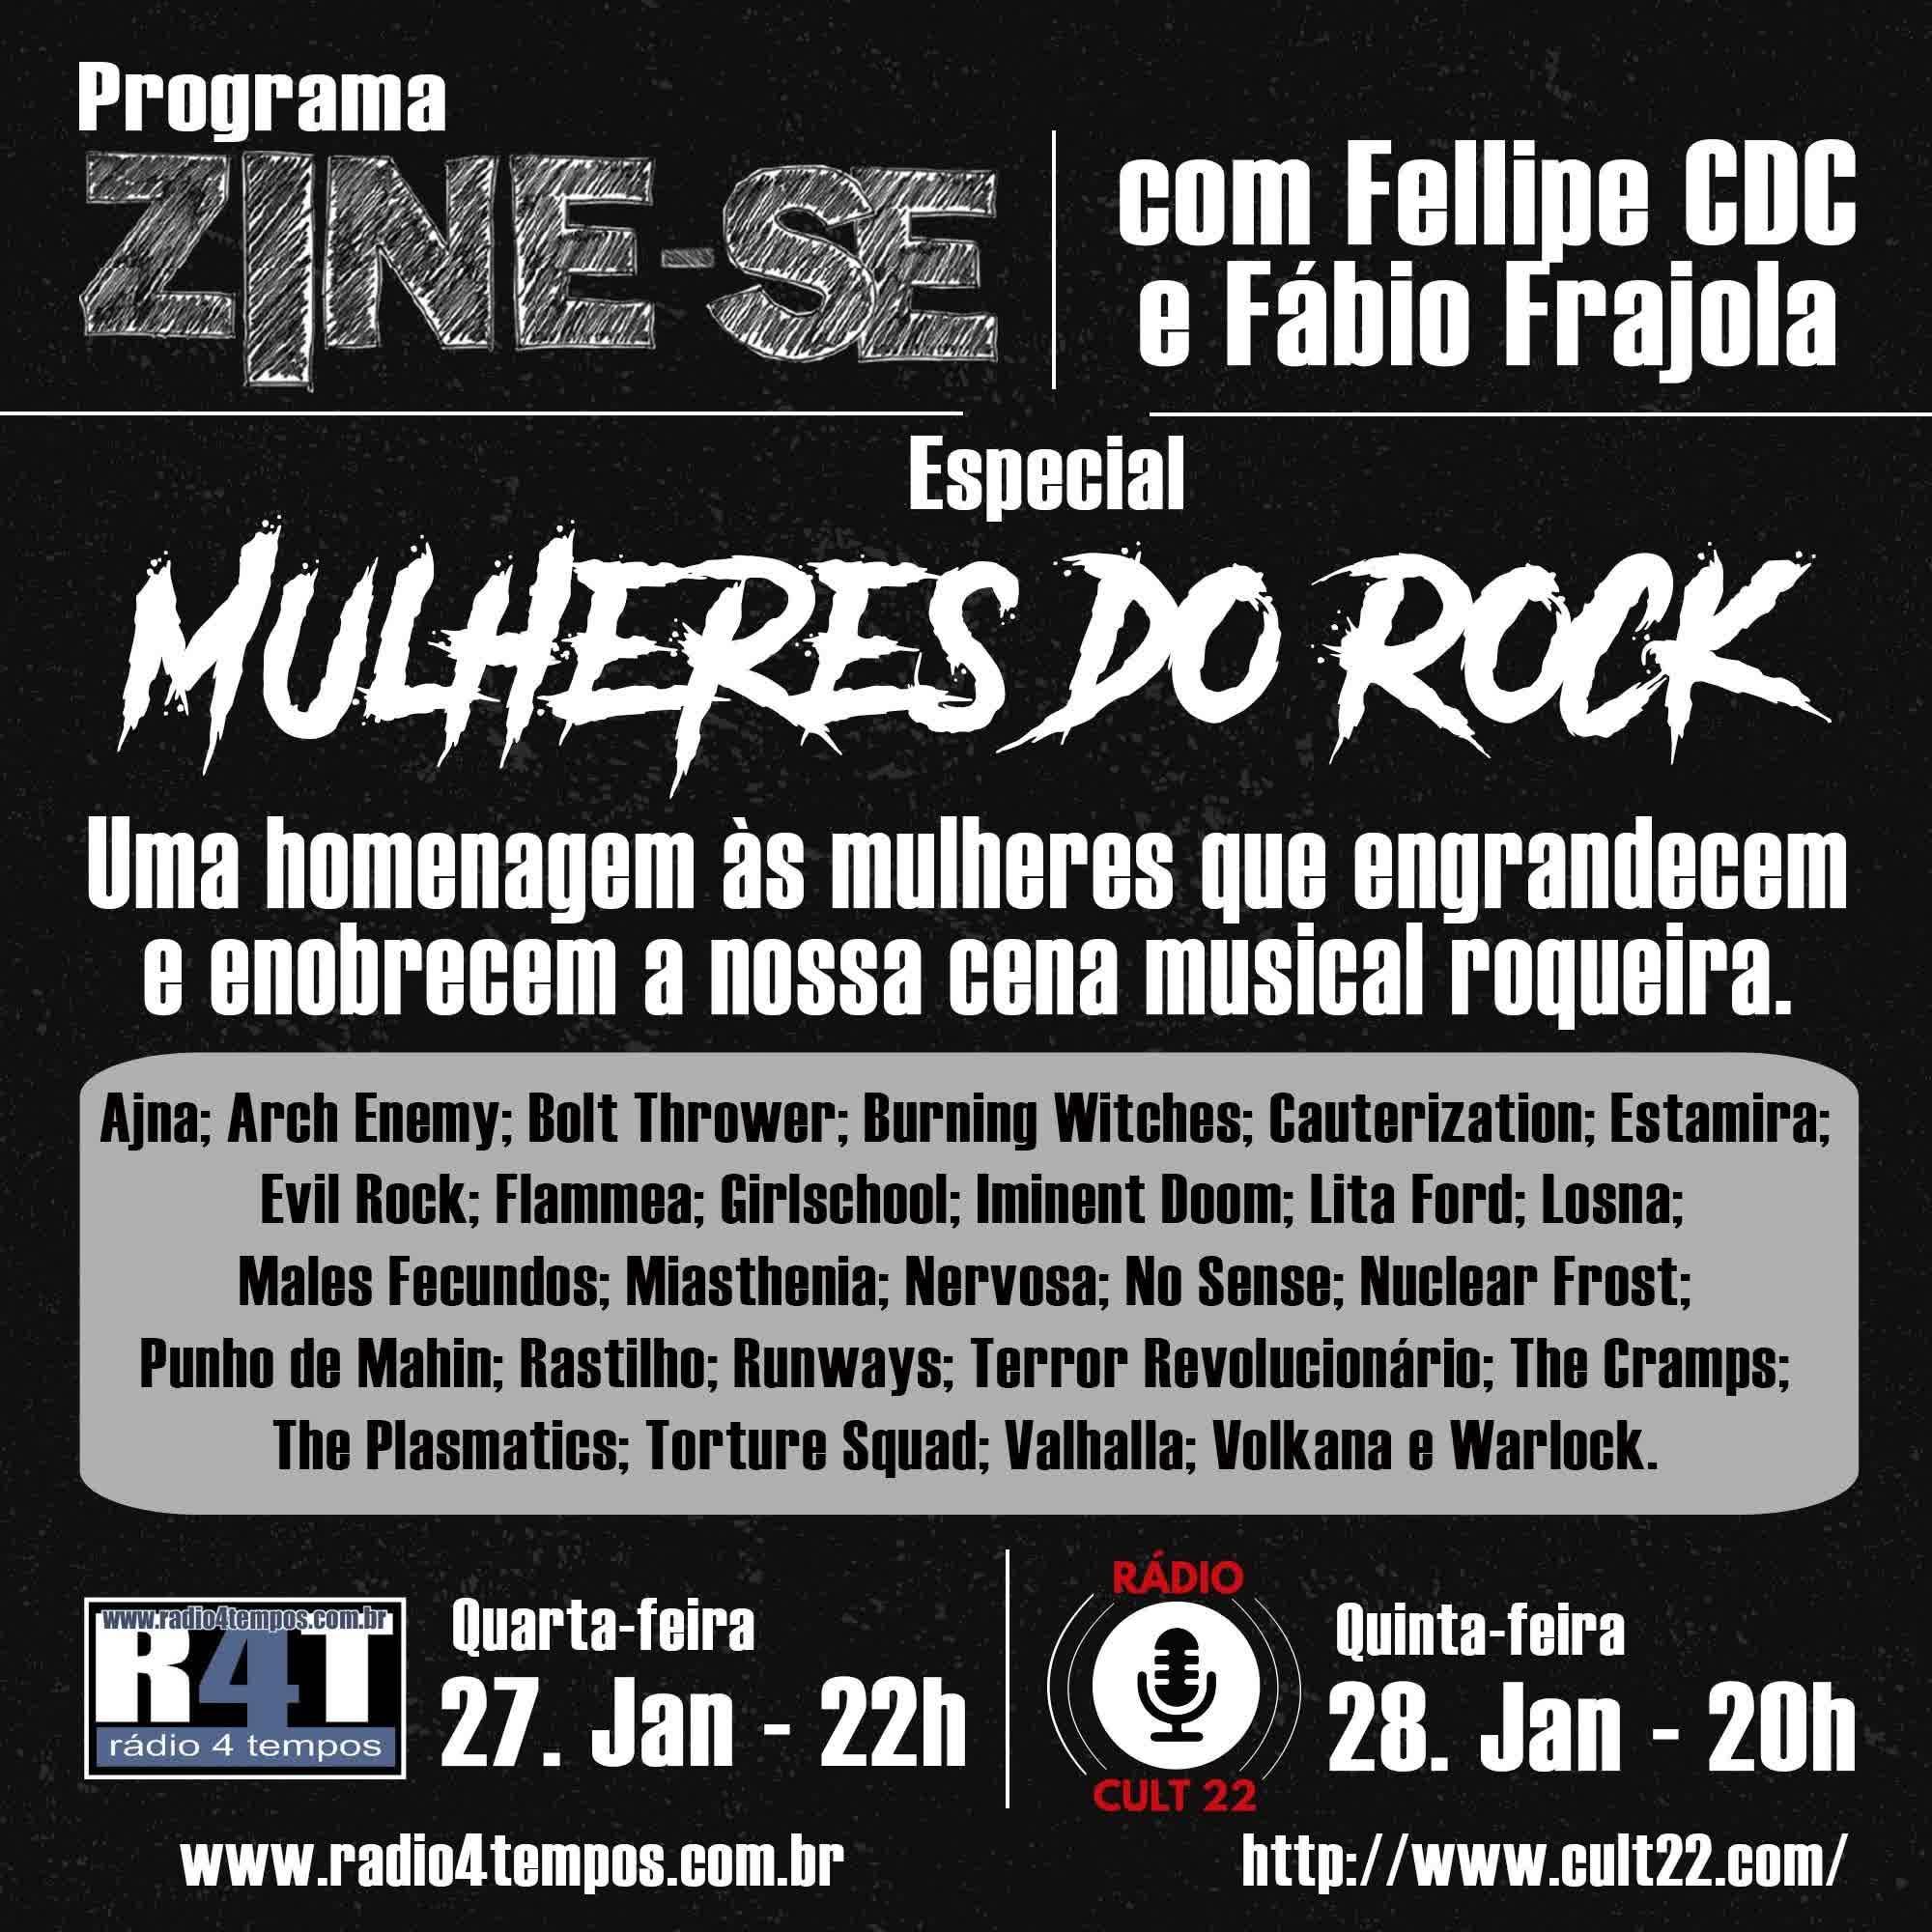 Rádio 4 Tempos - Zine-se 207:CdC e Frajola